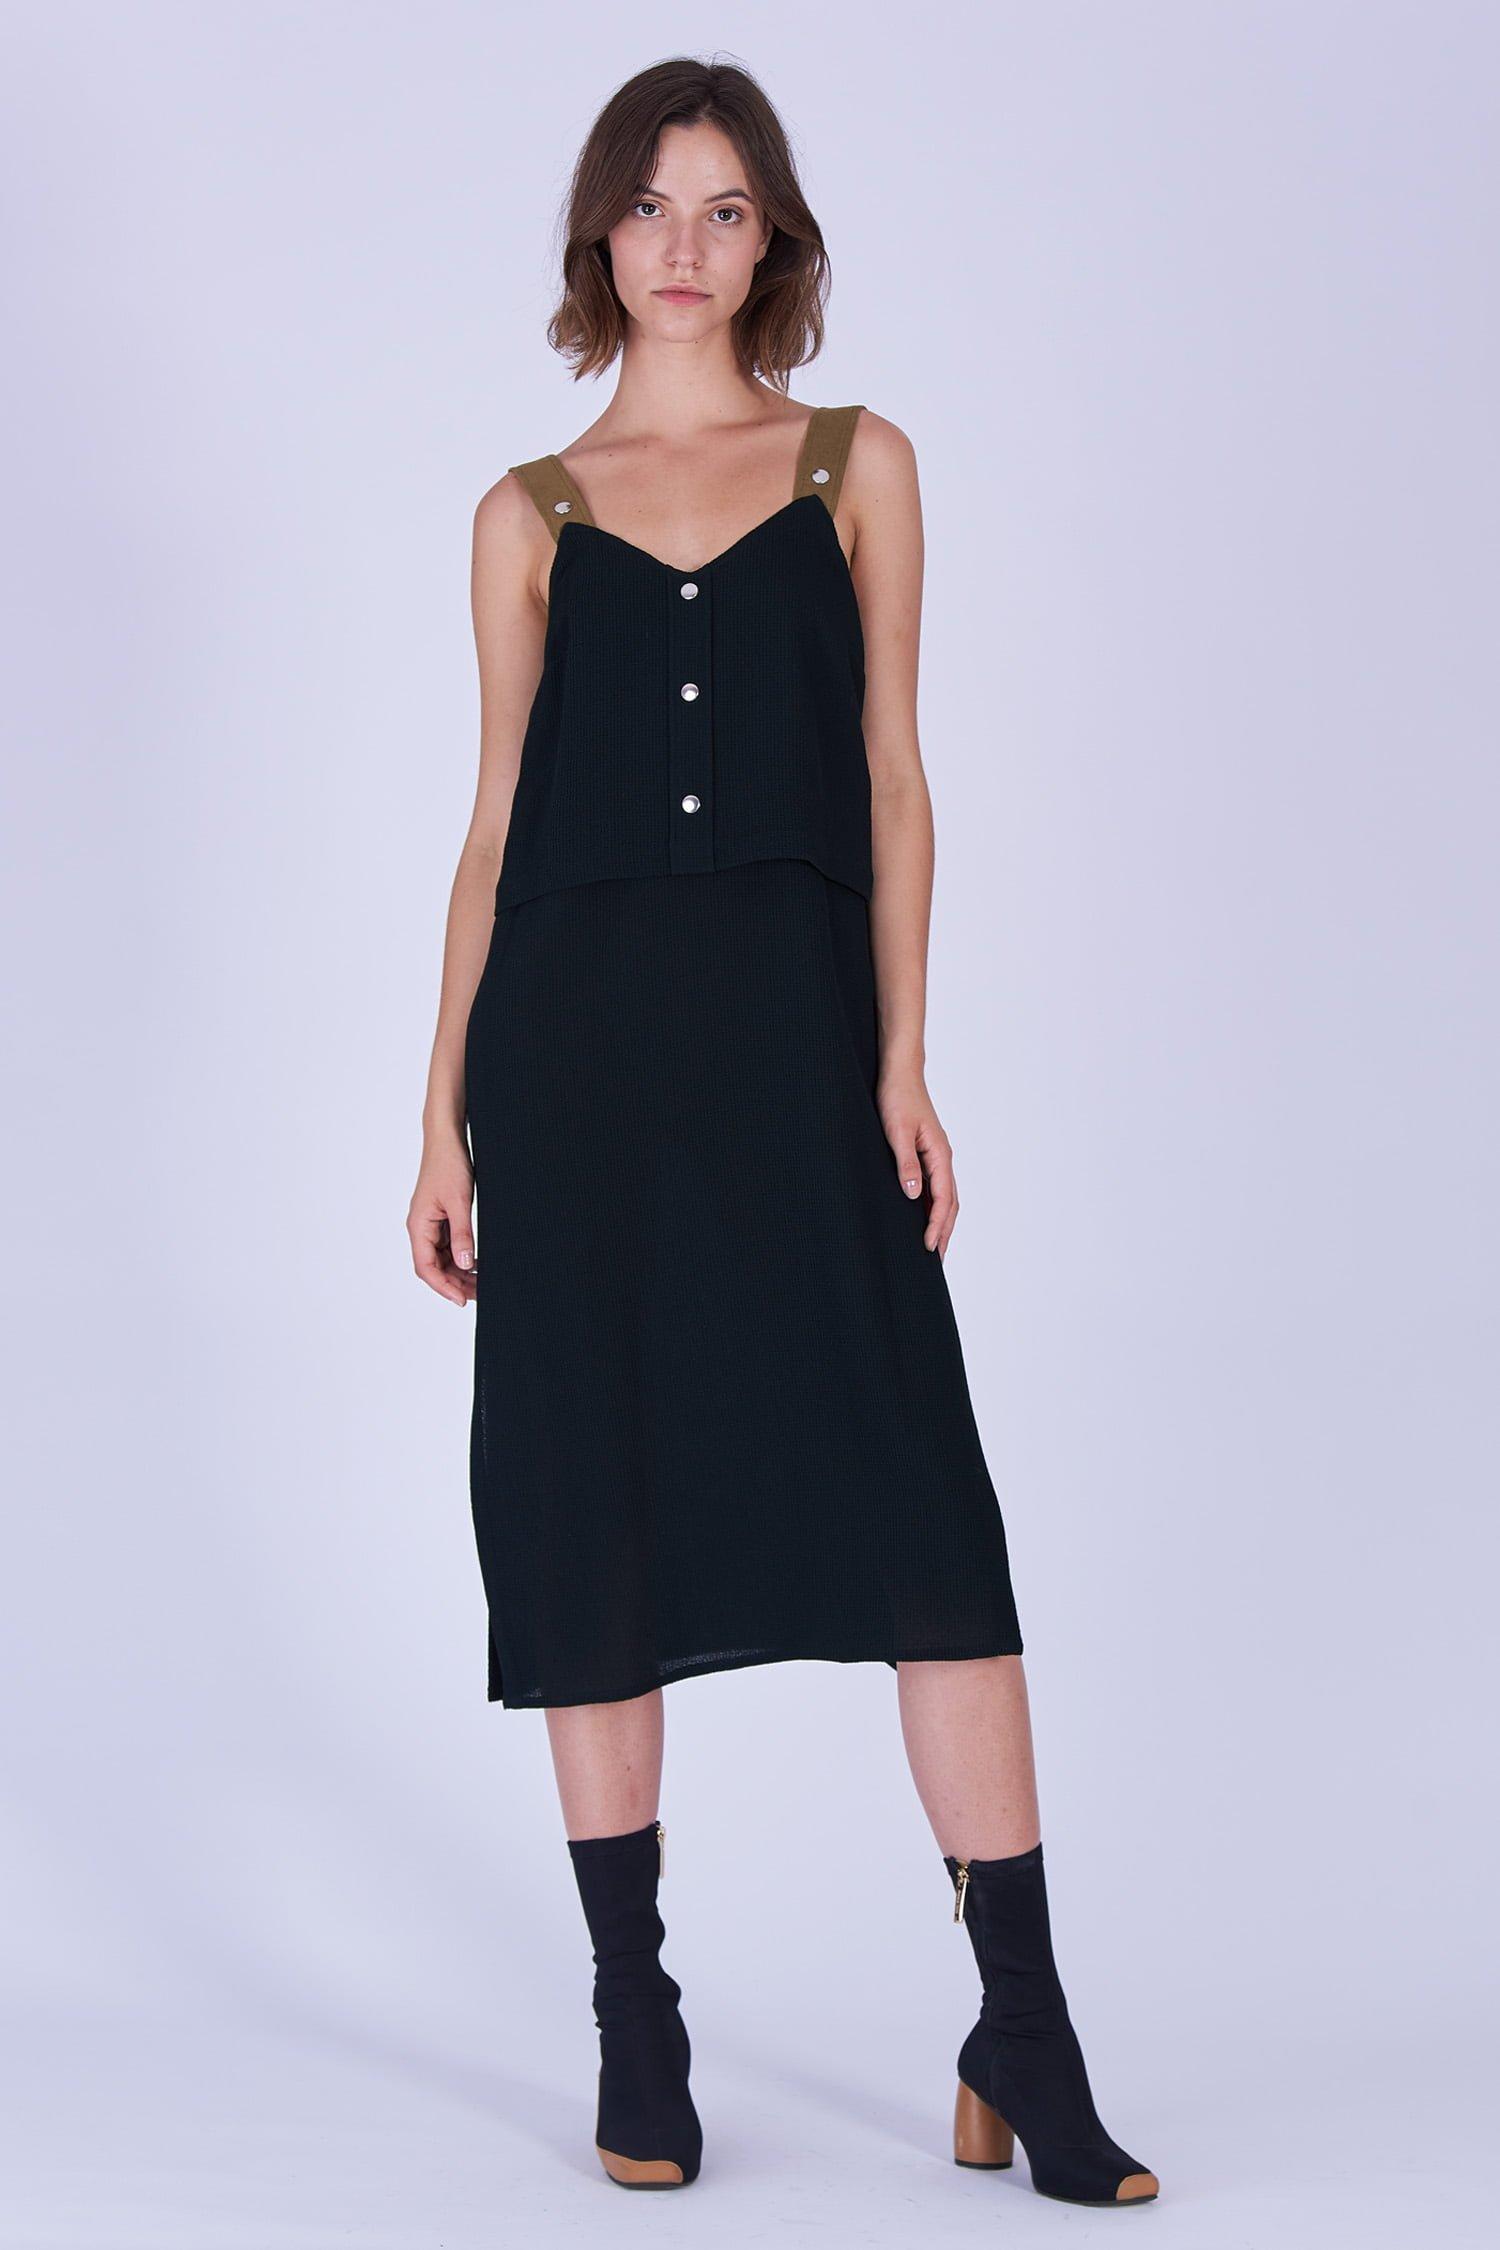 Acephala Fw19 20 Black Strap Midi Dress Czarna Sukienka Szelki Front 2